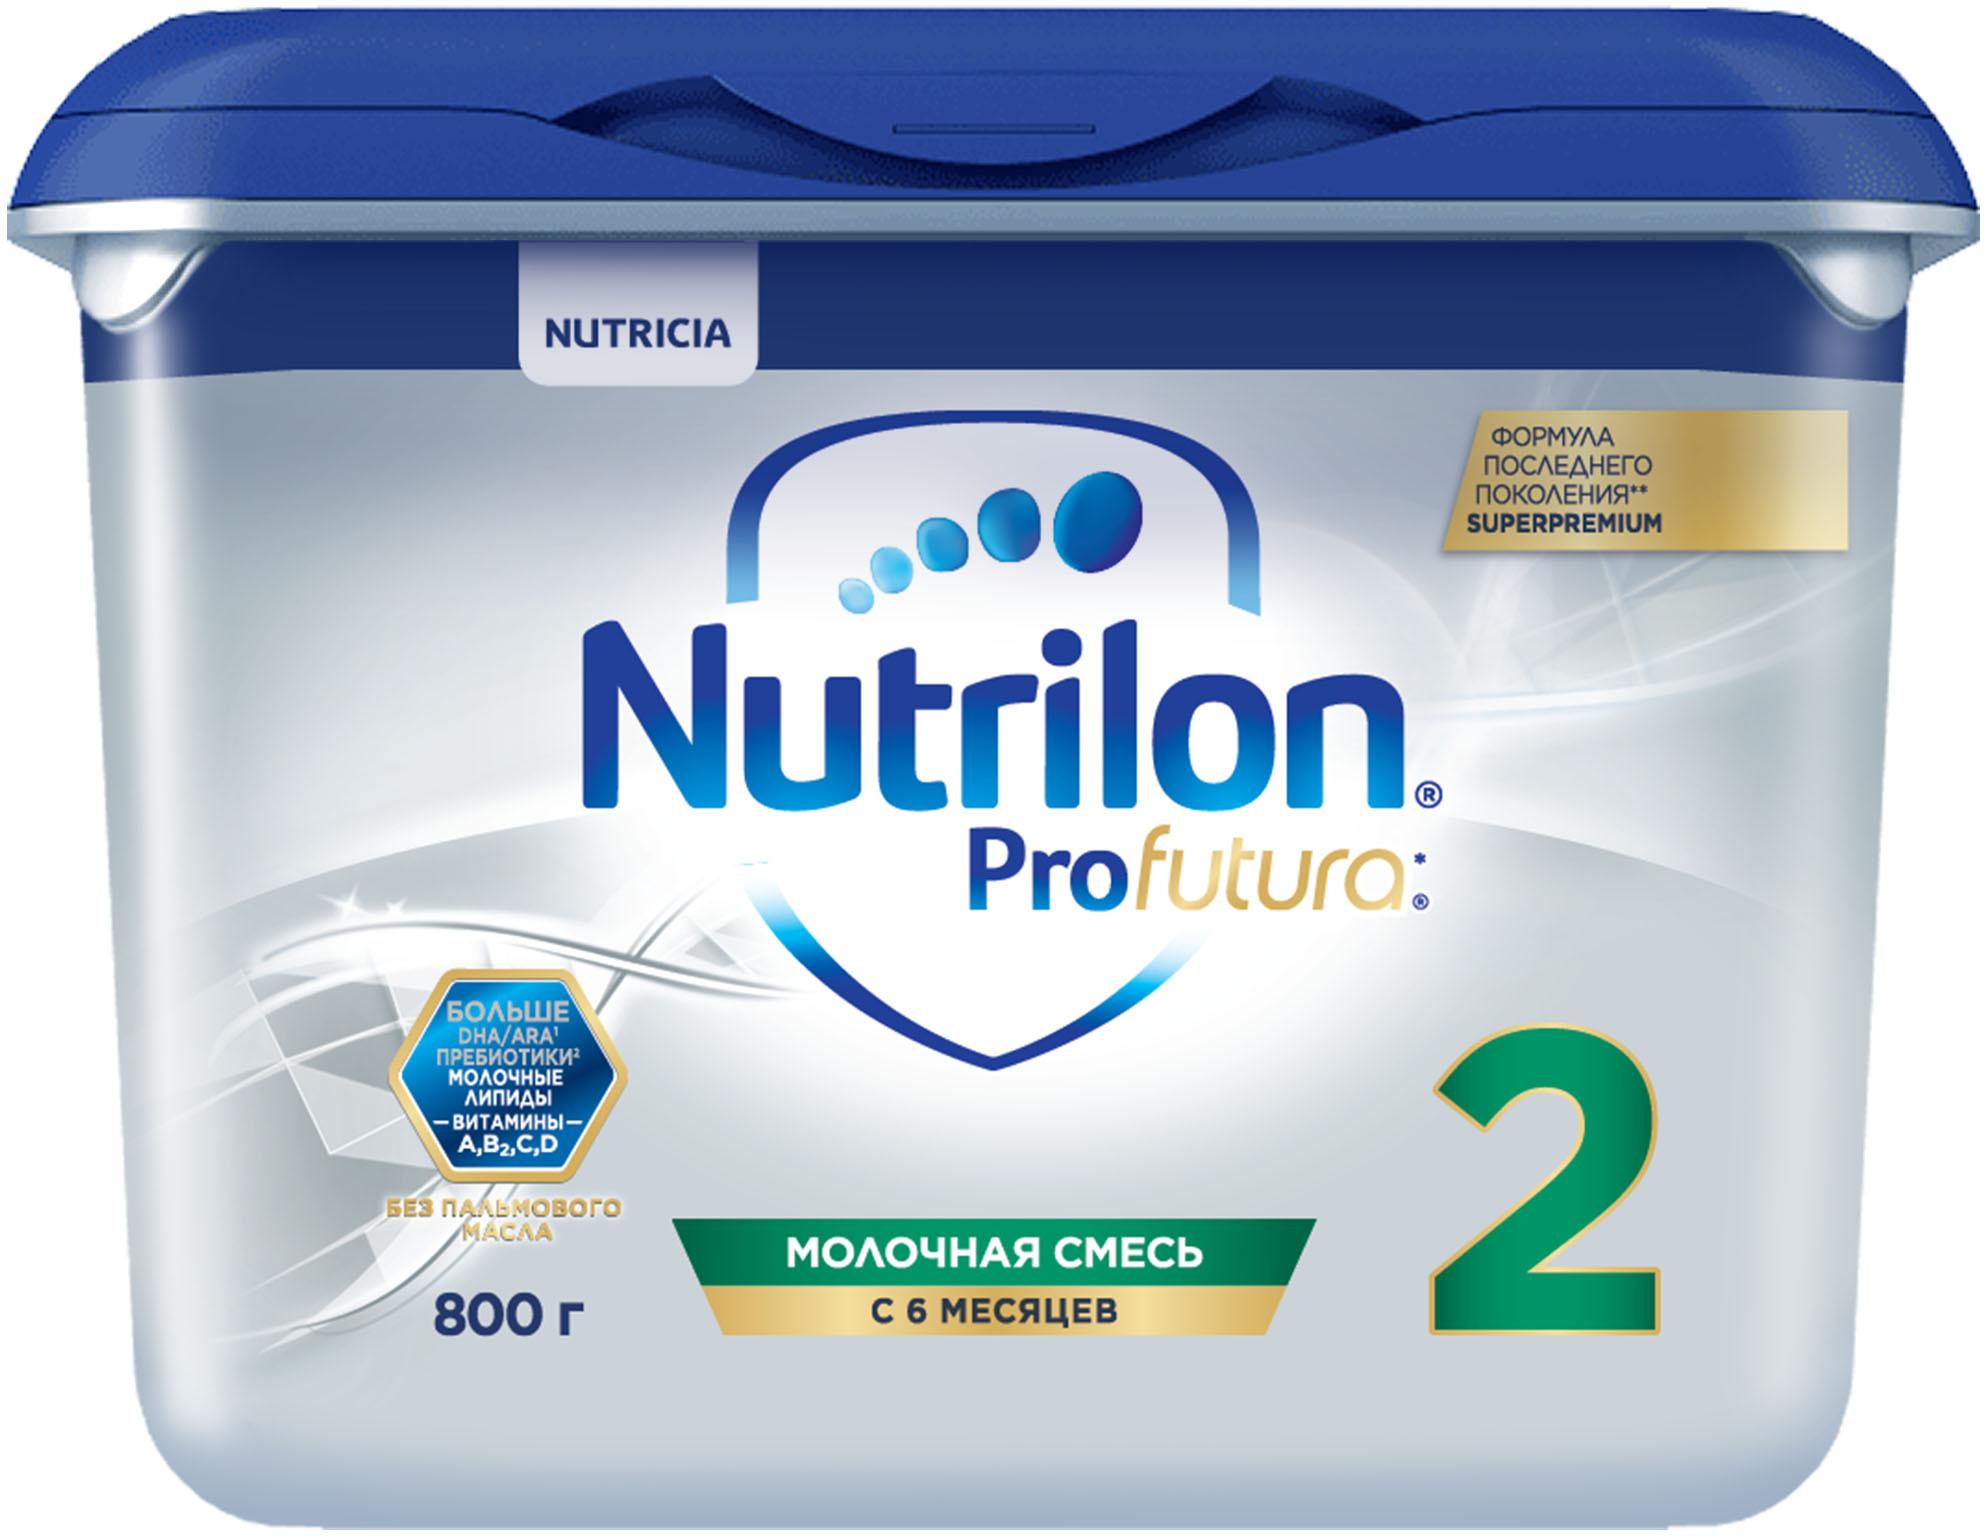 Молочная смесь Nutrilon Nutrilon (Nutricia) 2 Superpremium ProFutura (с 6 месяцев) 800 г gos